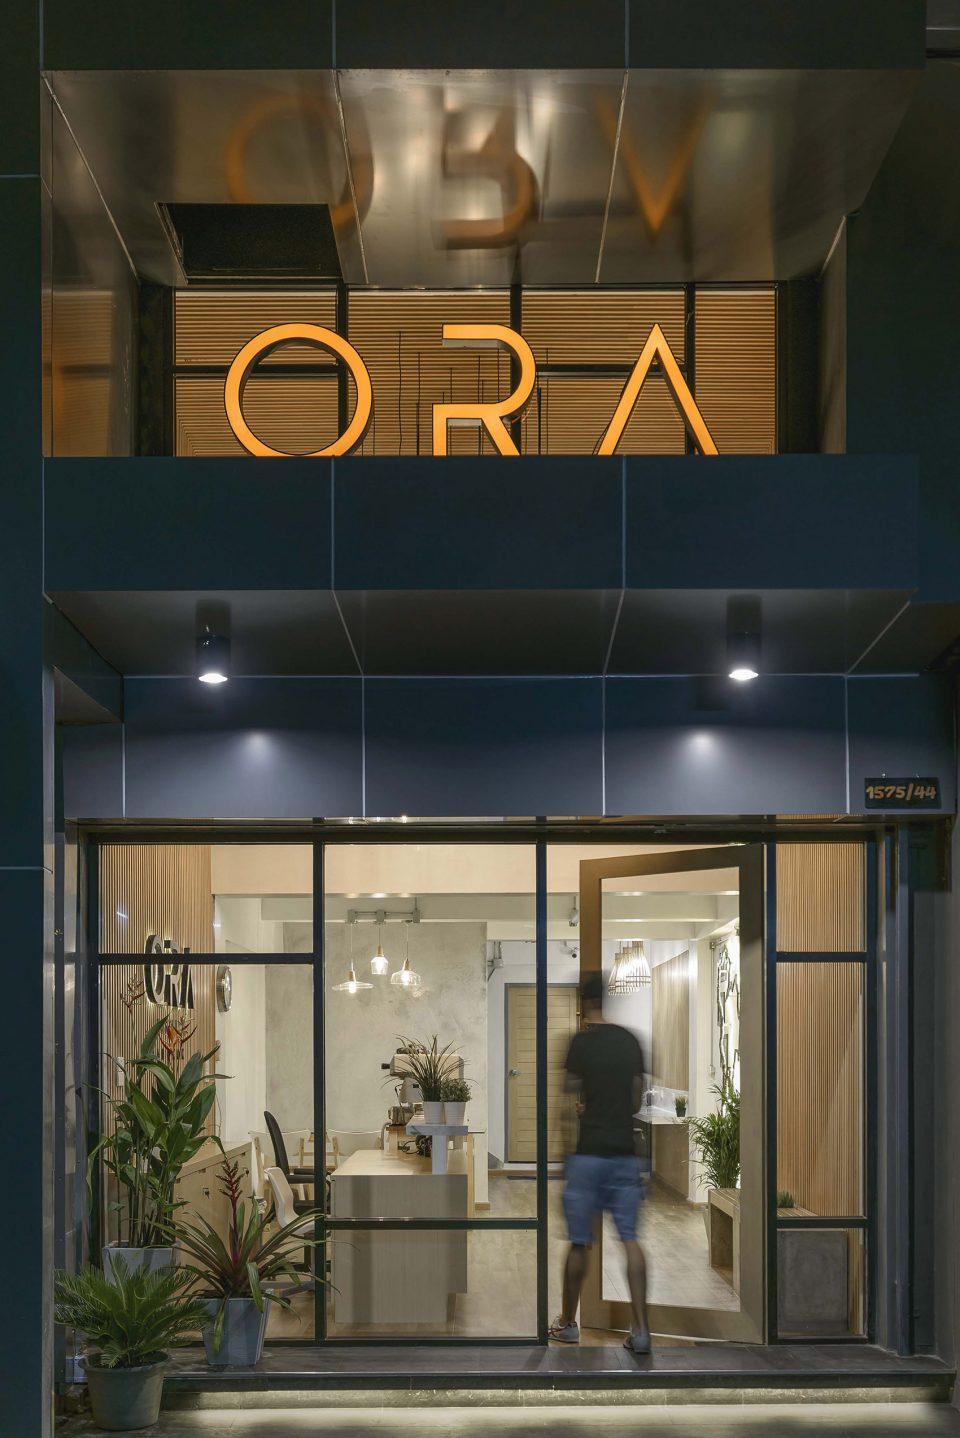 002-Ora-Hostel-exterior-detail-8515-960x1438